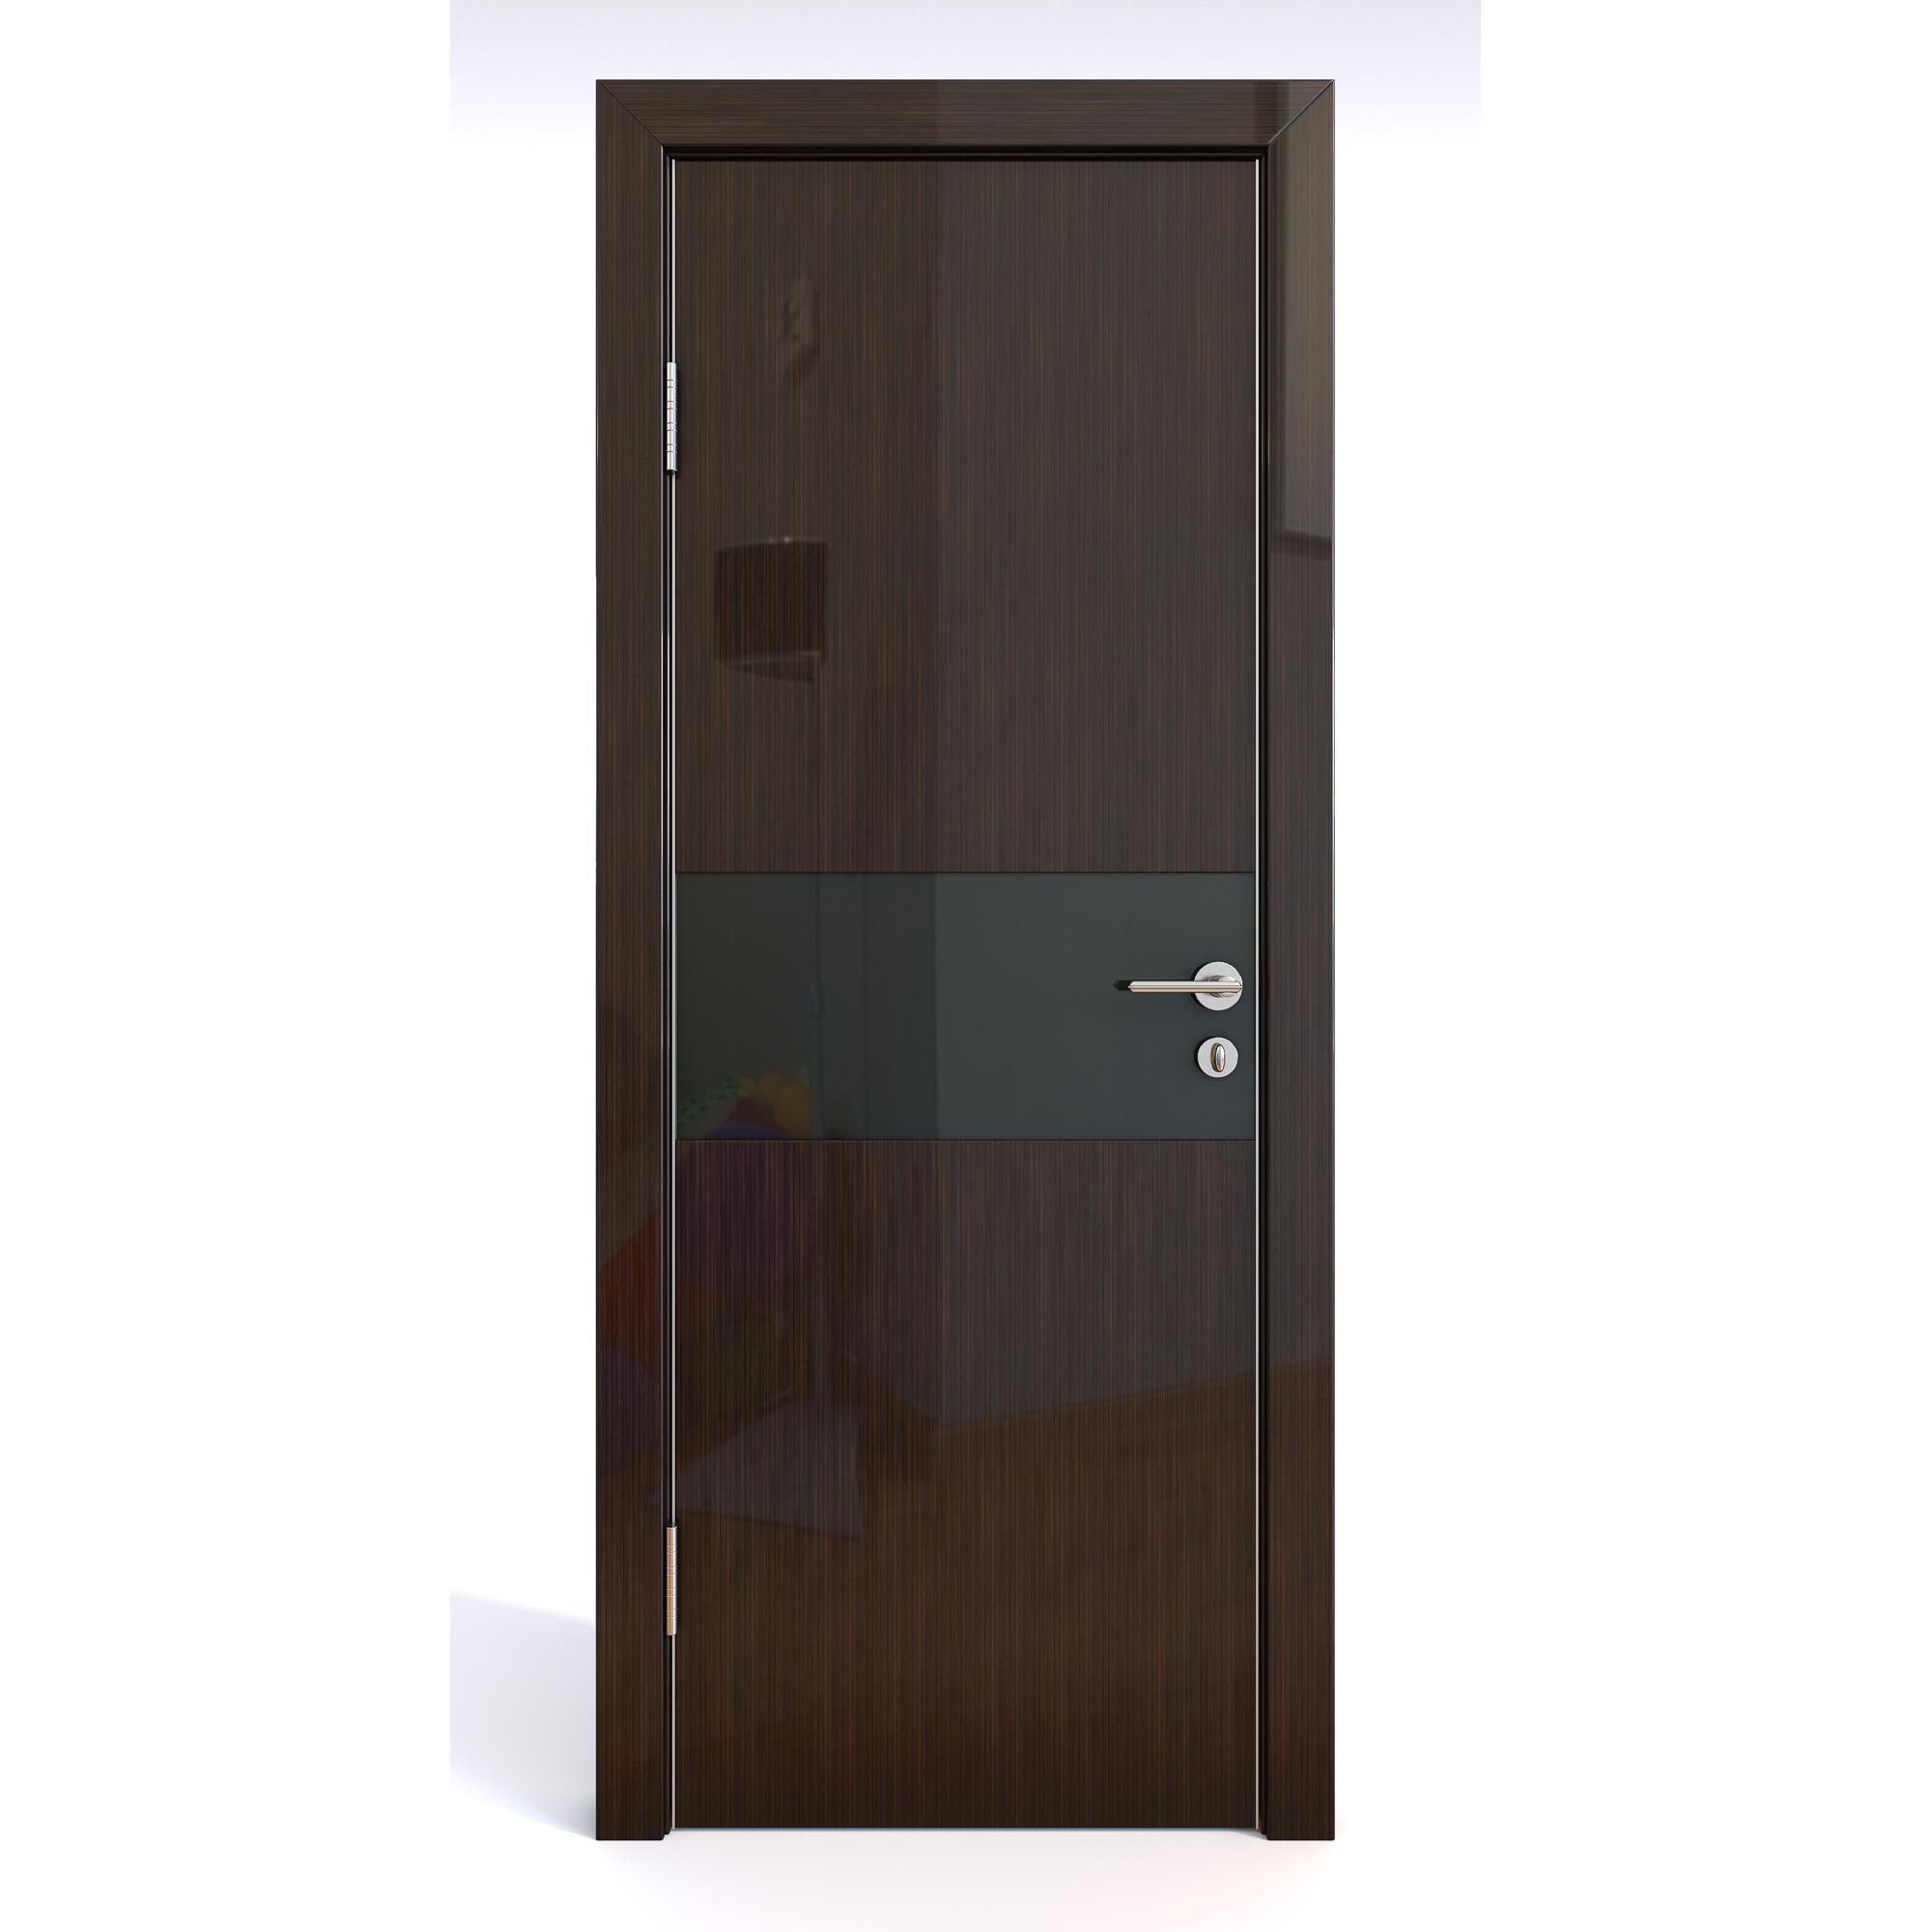 Межкомнатная шумоизоляционная дверь ДО-601/1 Венге глянец/черное 200х60 фото